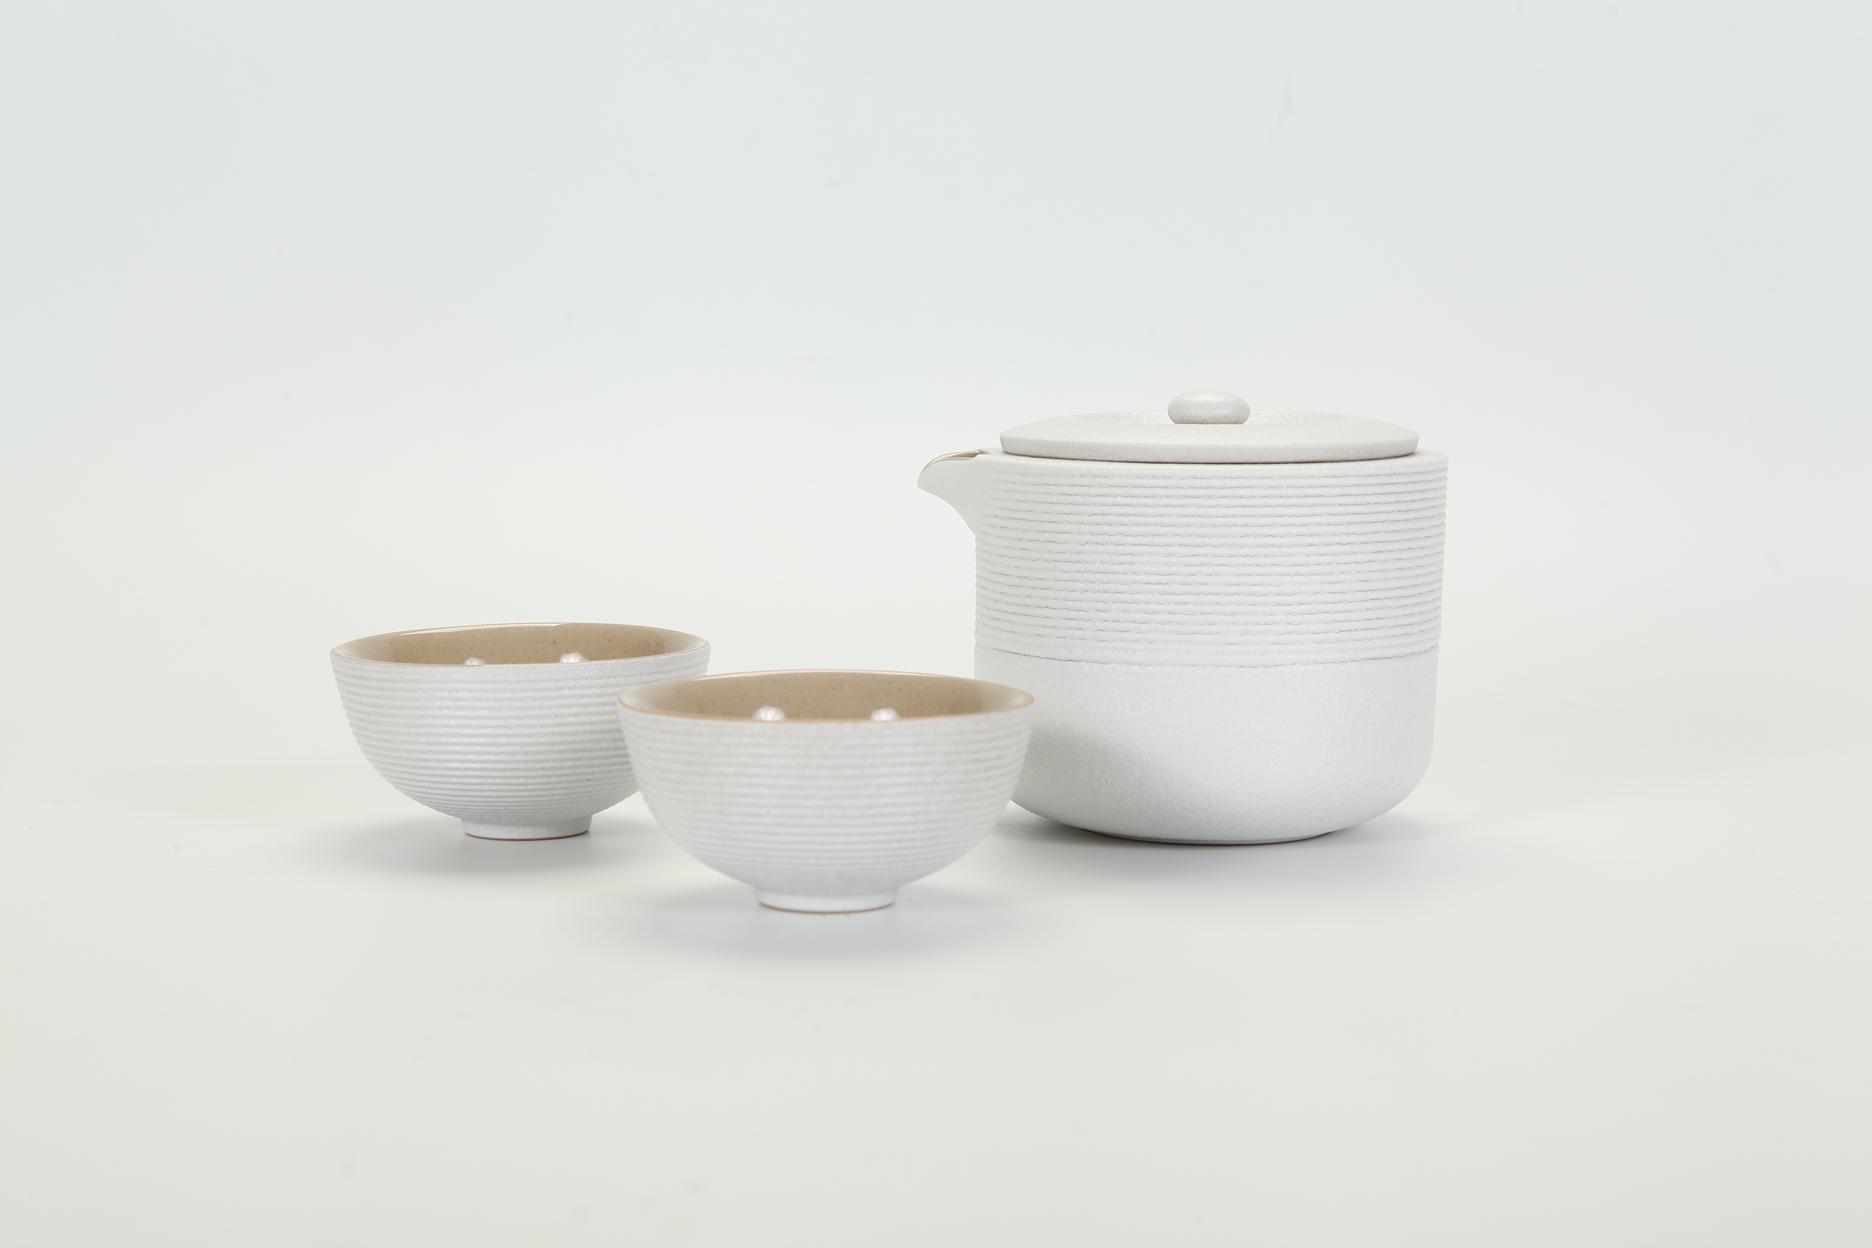 旋紋旅行壺茶組 / Rounded Travalling Teapot